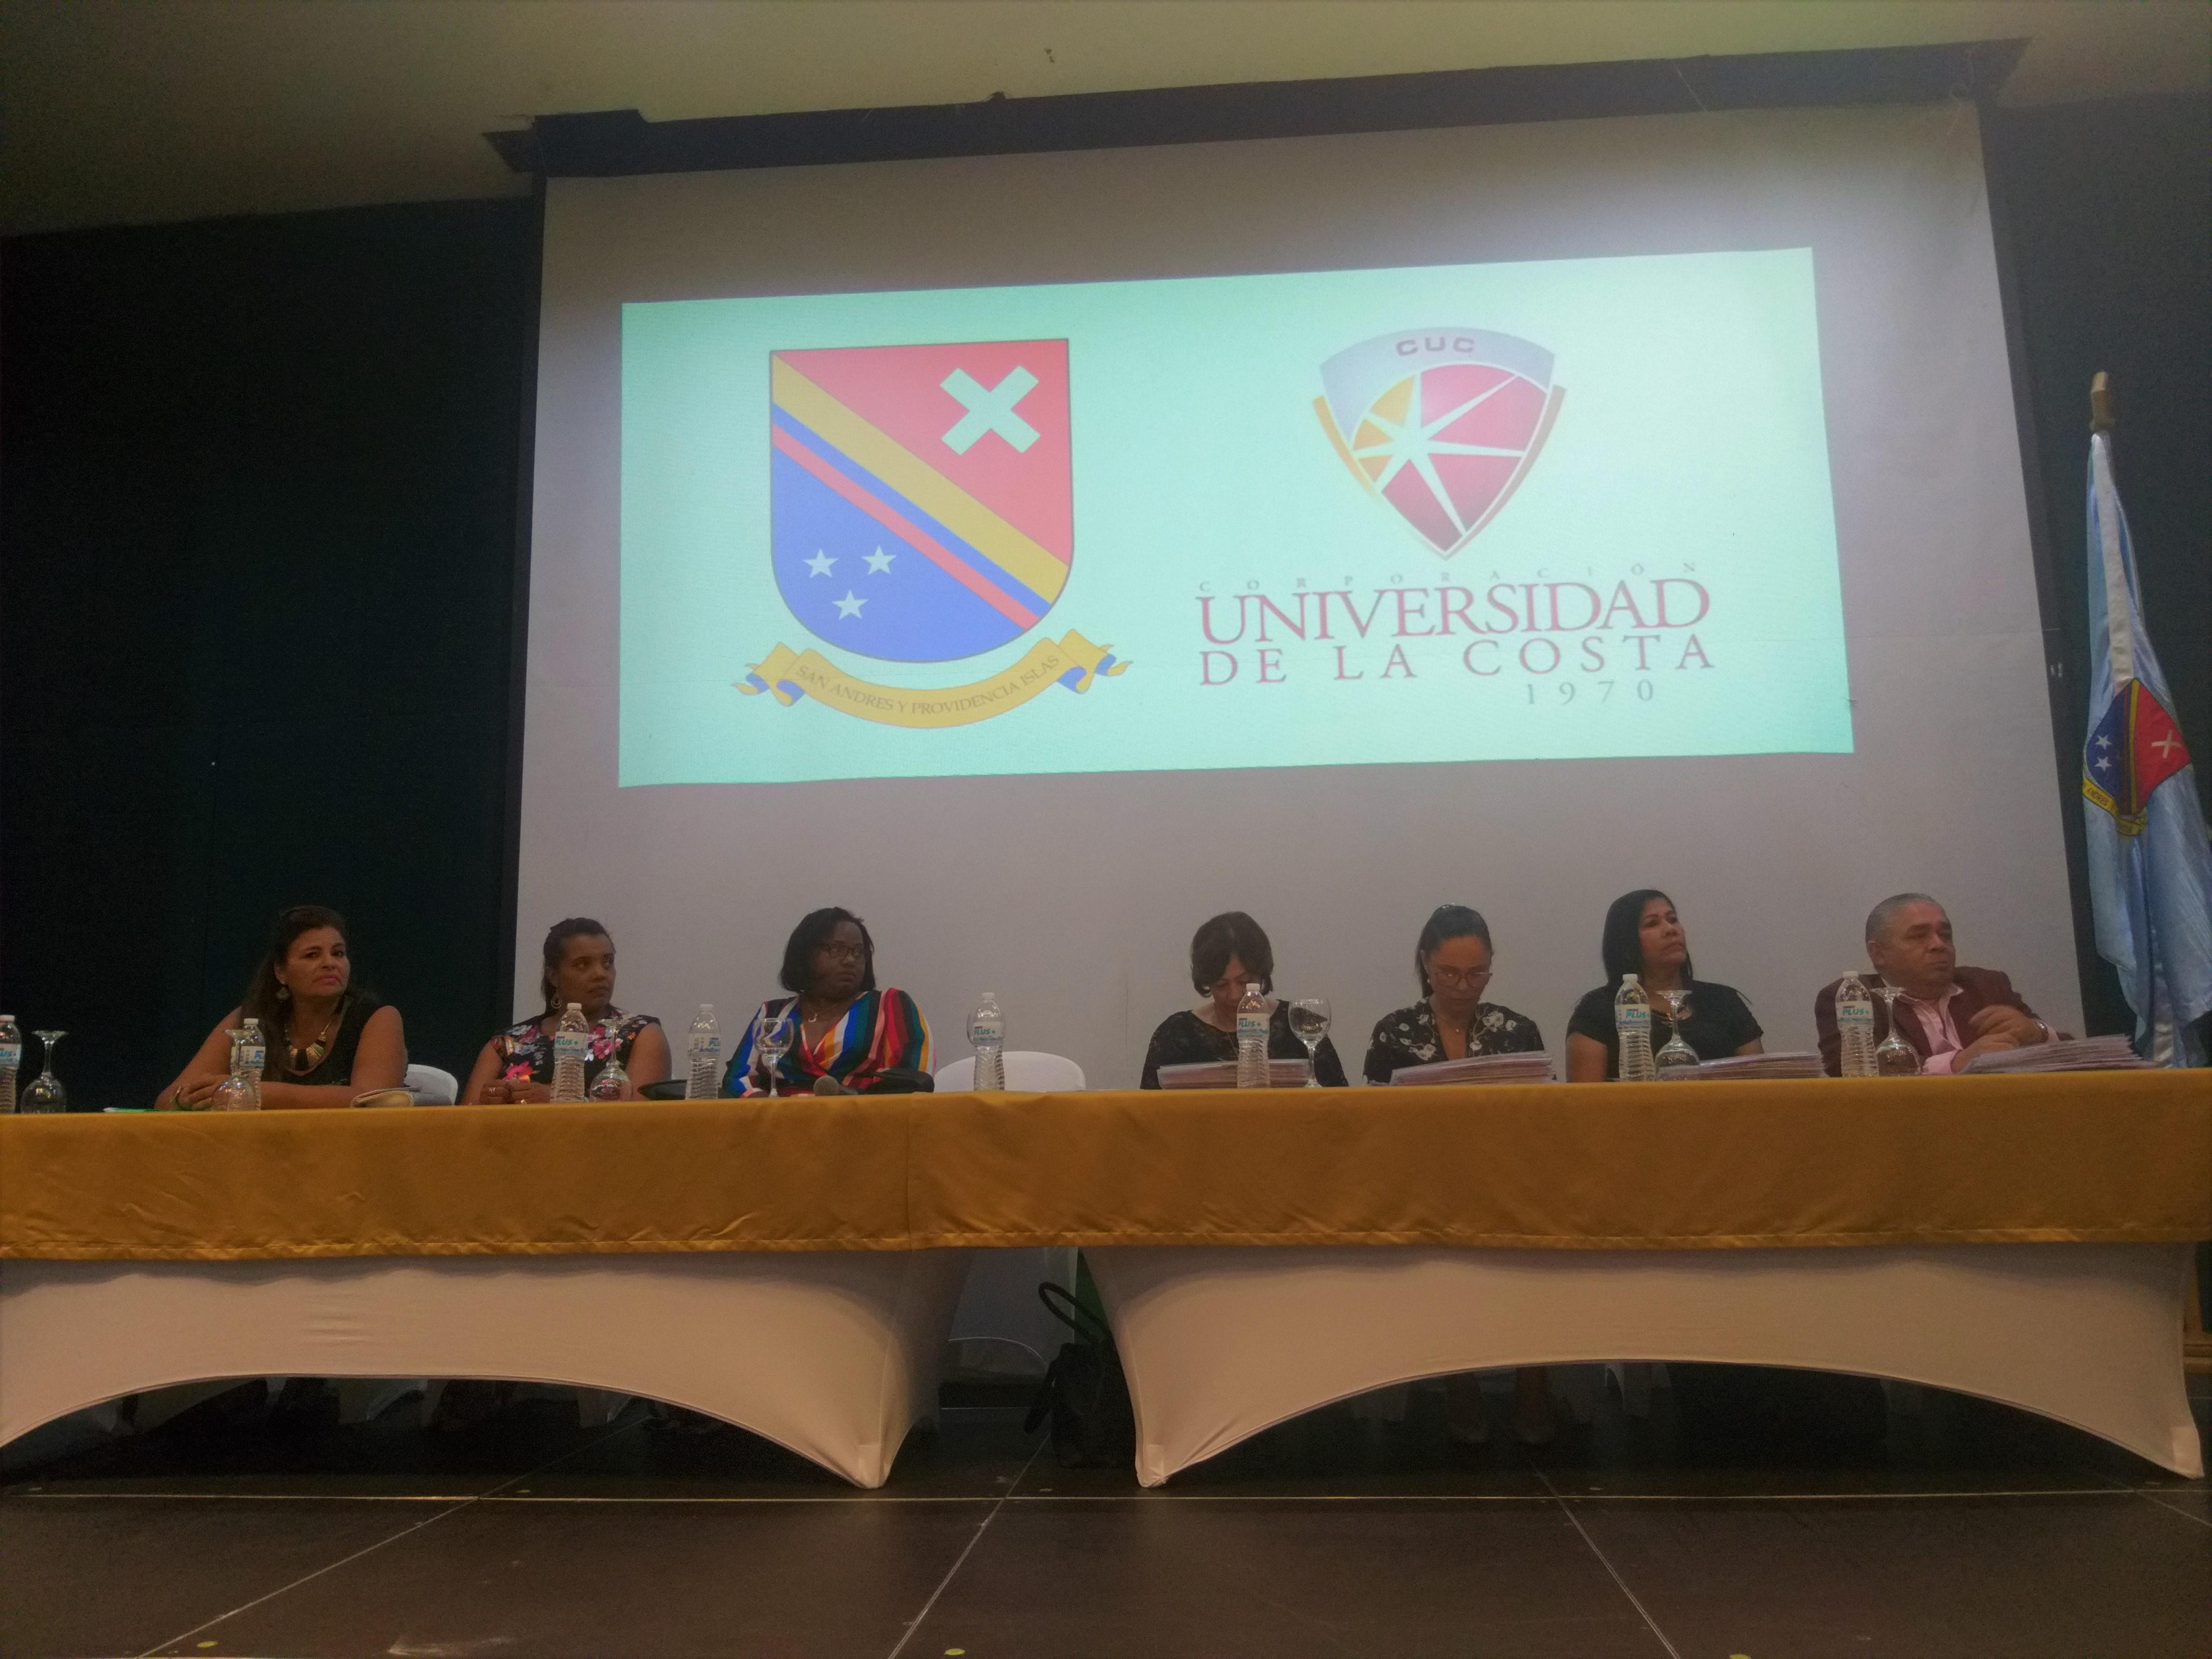 En San Andrés, 119 docentes reciben título de 'Magister en Educación', por intermedio de Unicosta